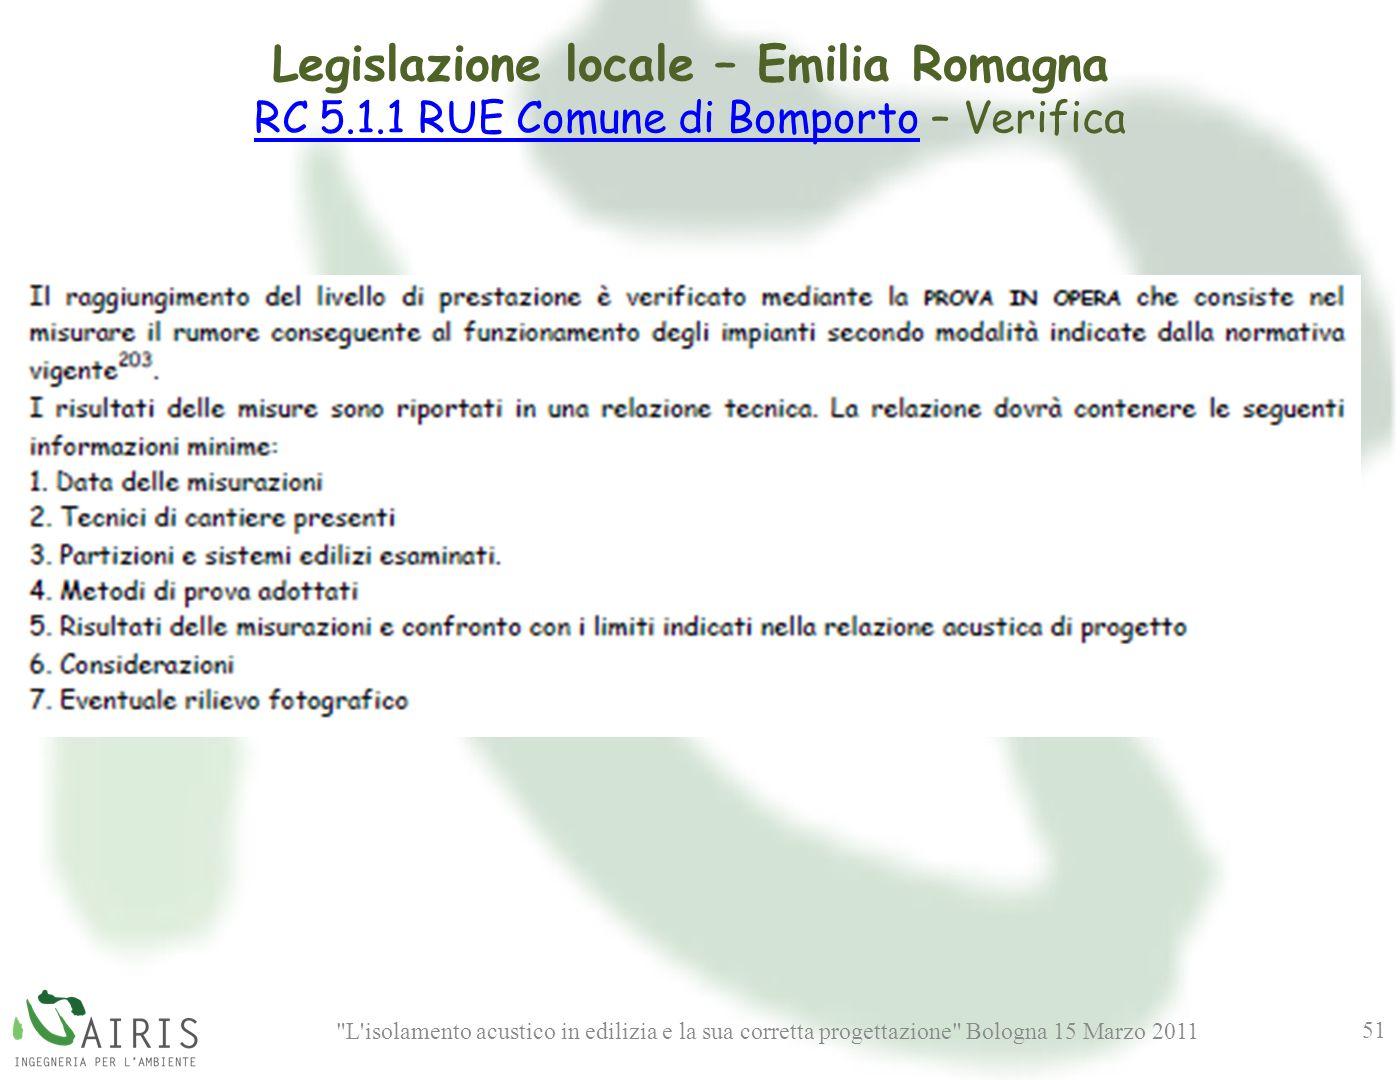 L isolamento acustico in edilizia e la sua corretta progettazione Bologna 15 Marzo 2011 51 Legislazione locale – Emilia Romagna RC 5.1.1 RUE Comune di BomportoRC 5.1.1 RUE Comune di Bomporto – Verifica